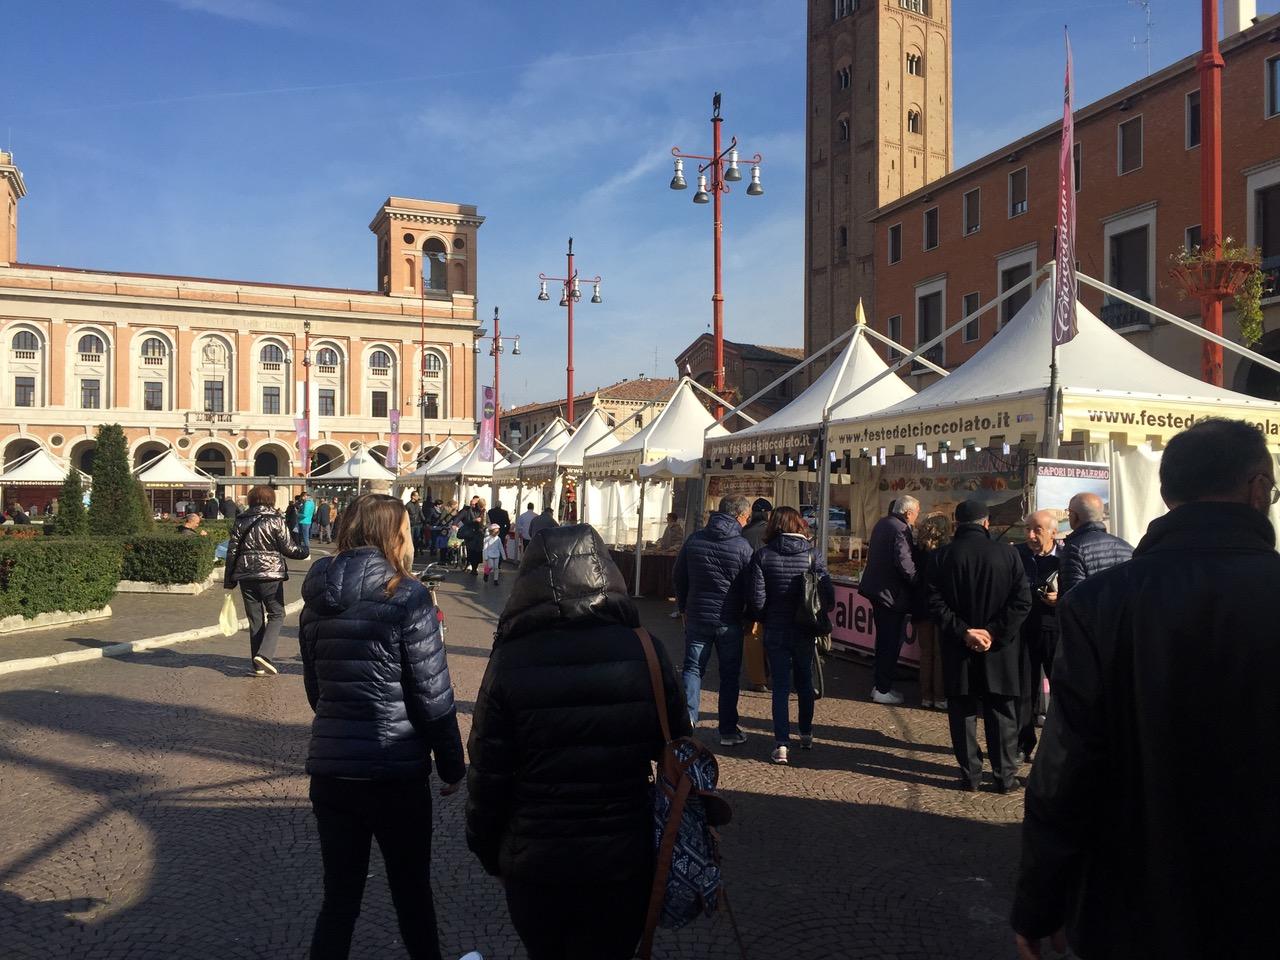 Festa-del-cioccolato-Piazza-Saffi-bancarelle